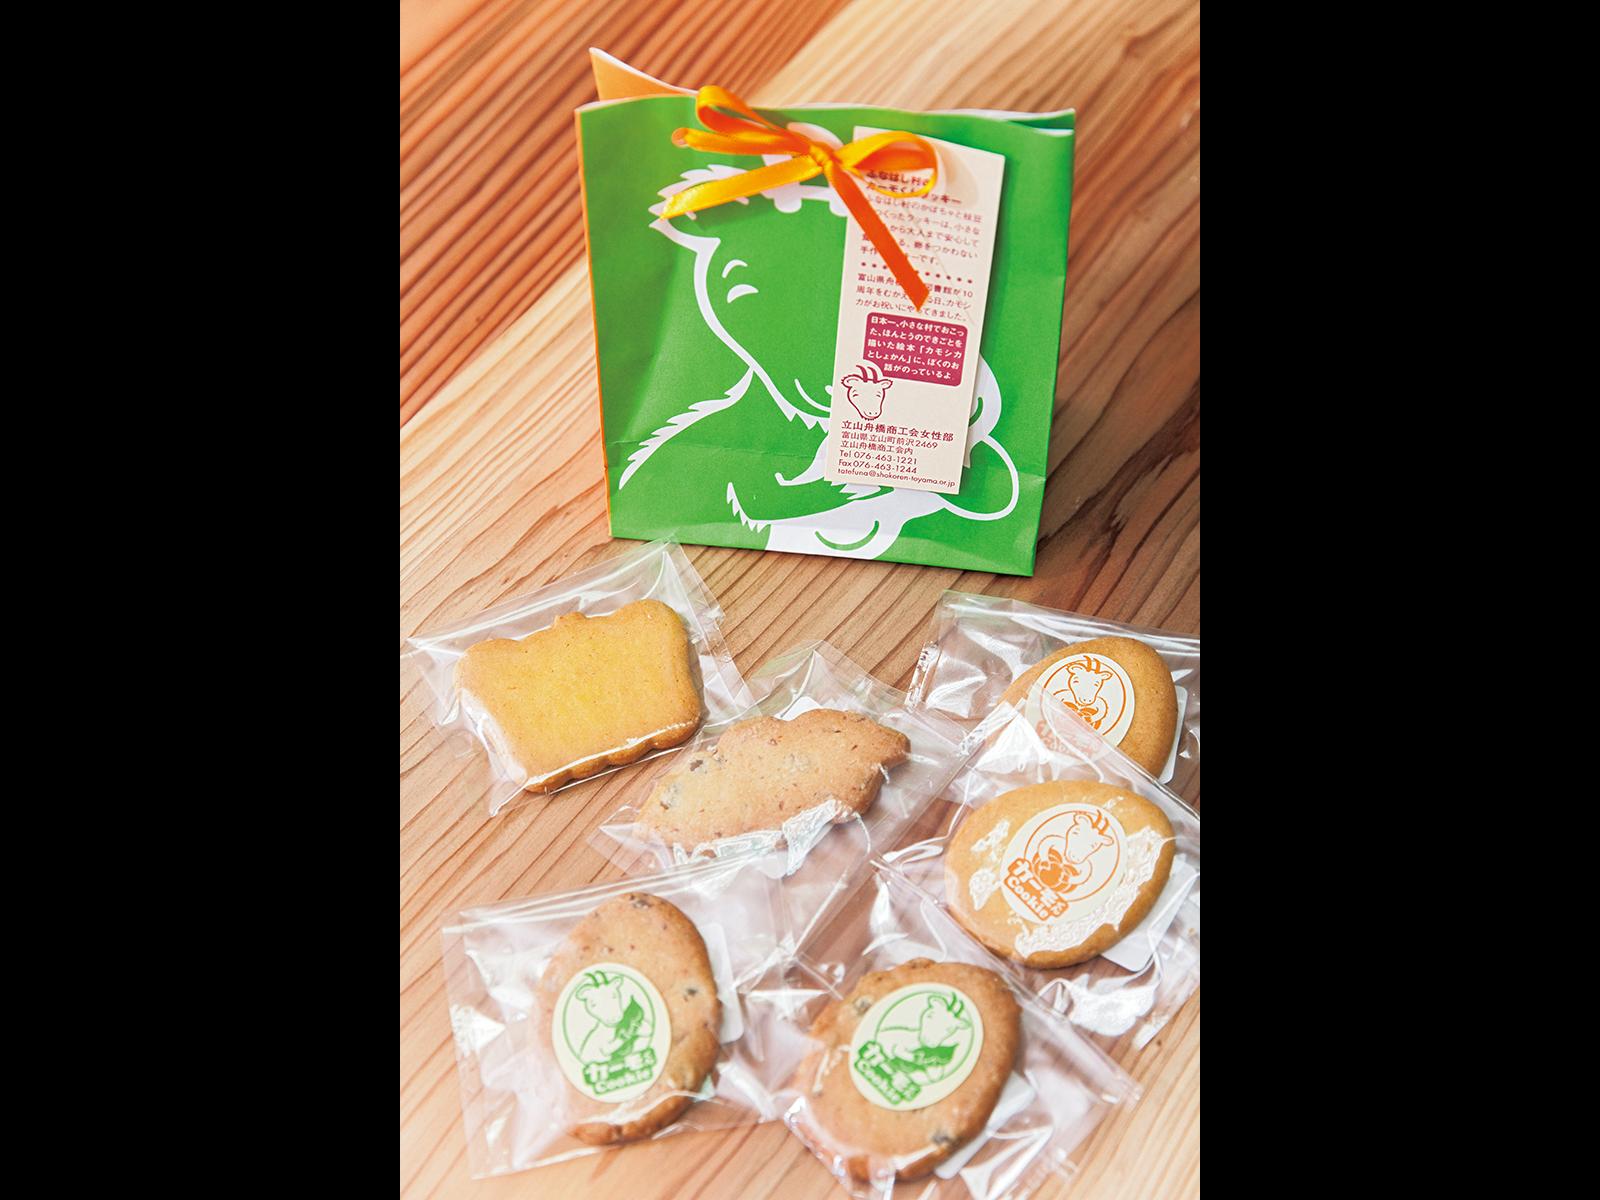 かぼちゃと枝豆のクッキー。紙袋には、昔、村立図書館に迷い込んだカモシカ「カーモくん」の絵柄が。